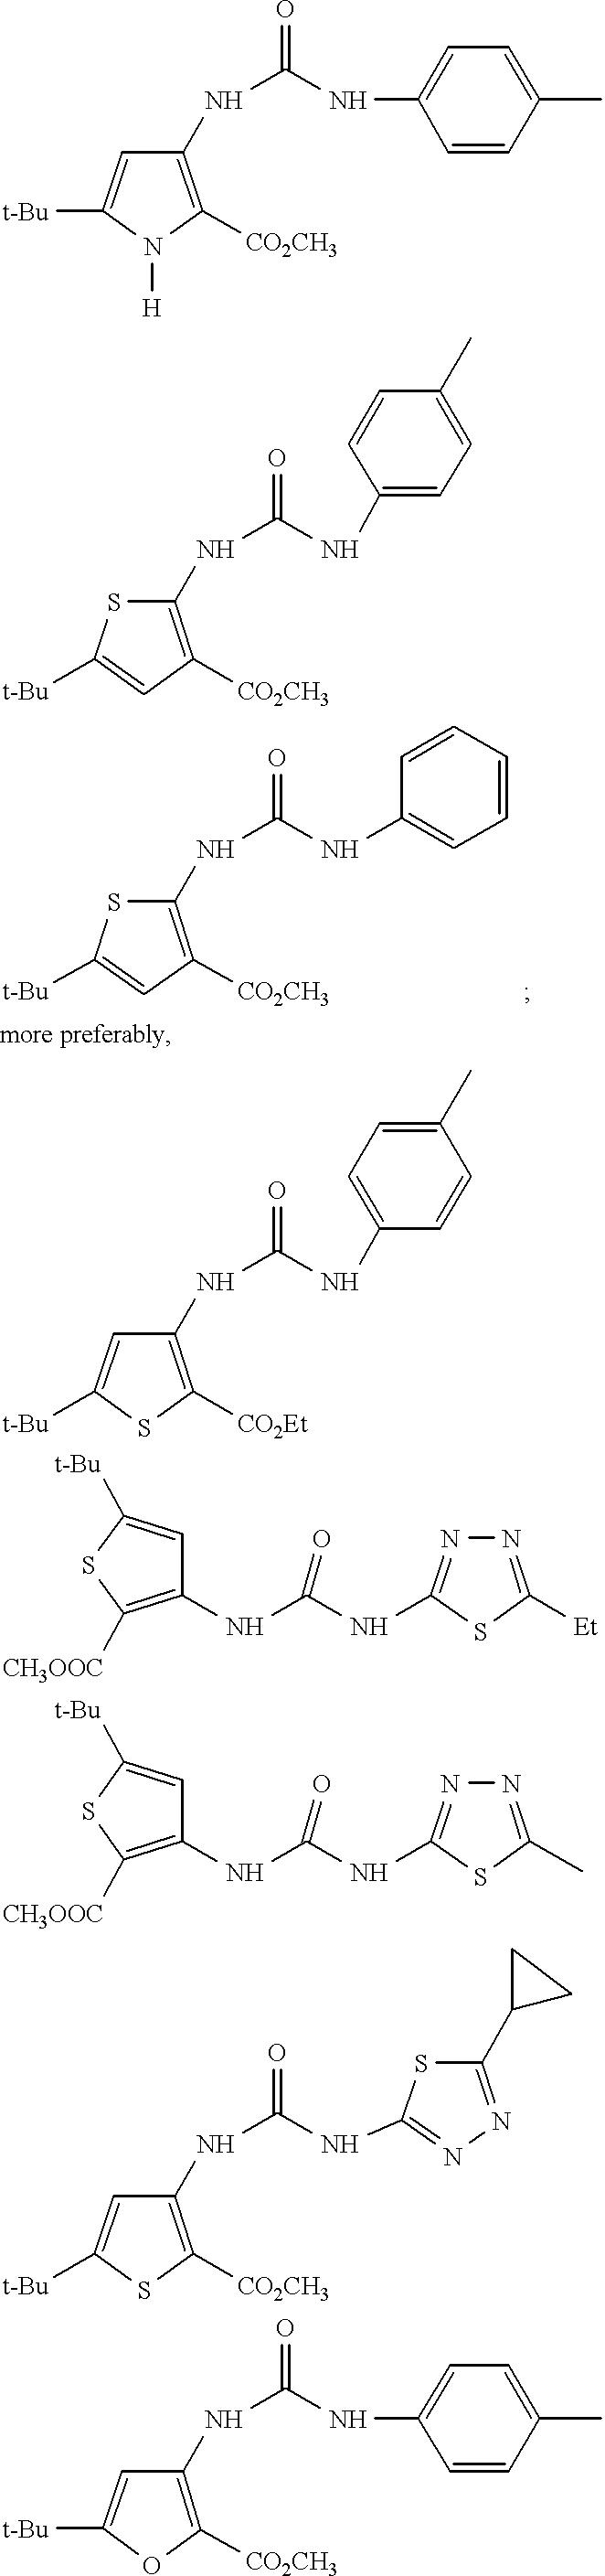 Figure US06187799-20010213-C00007